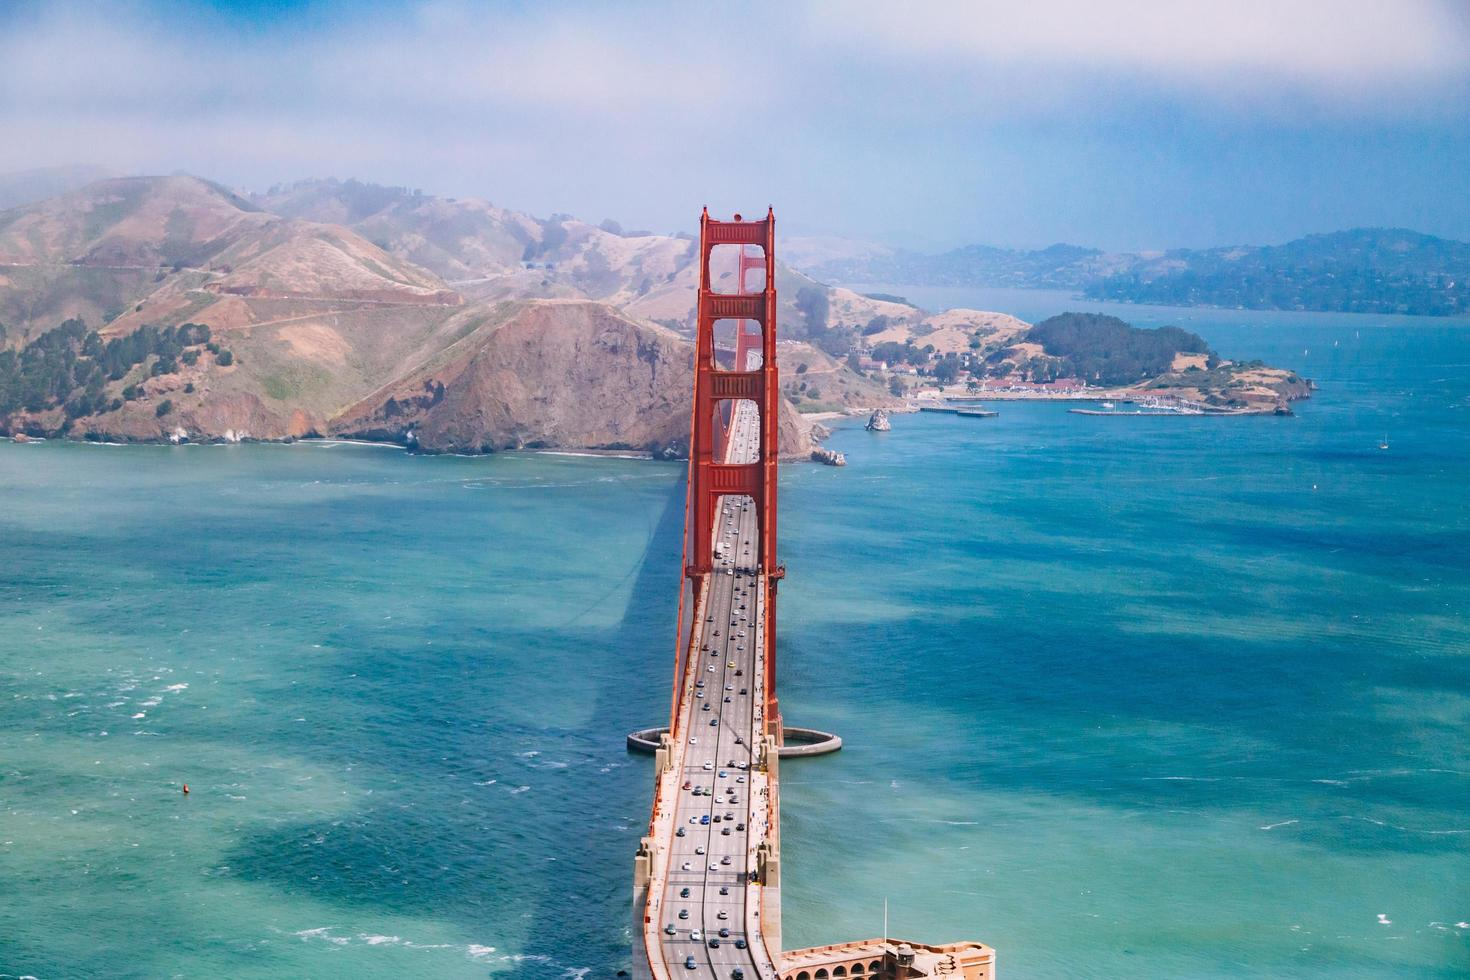 vista aerea il golden gate bridge durante il giorno foto